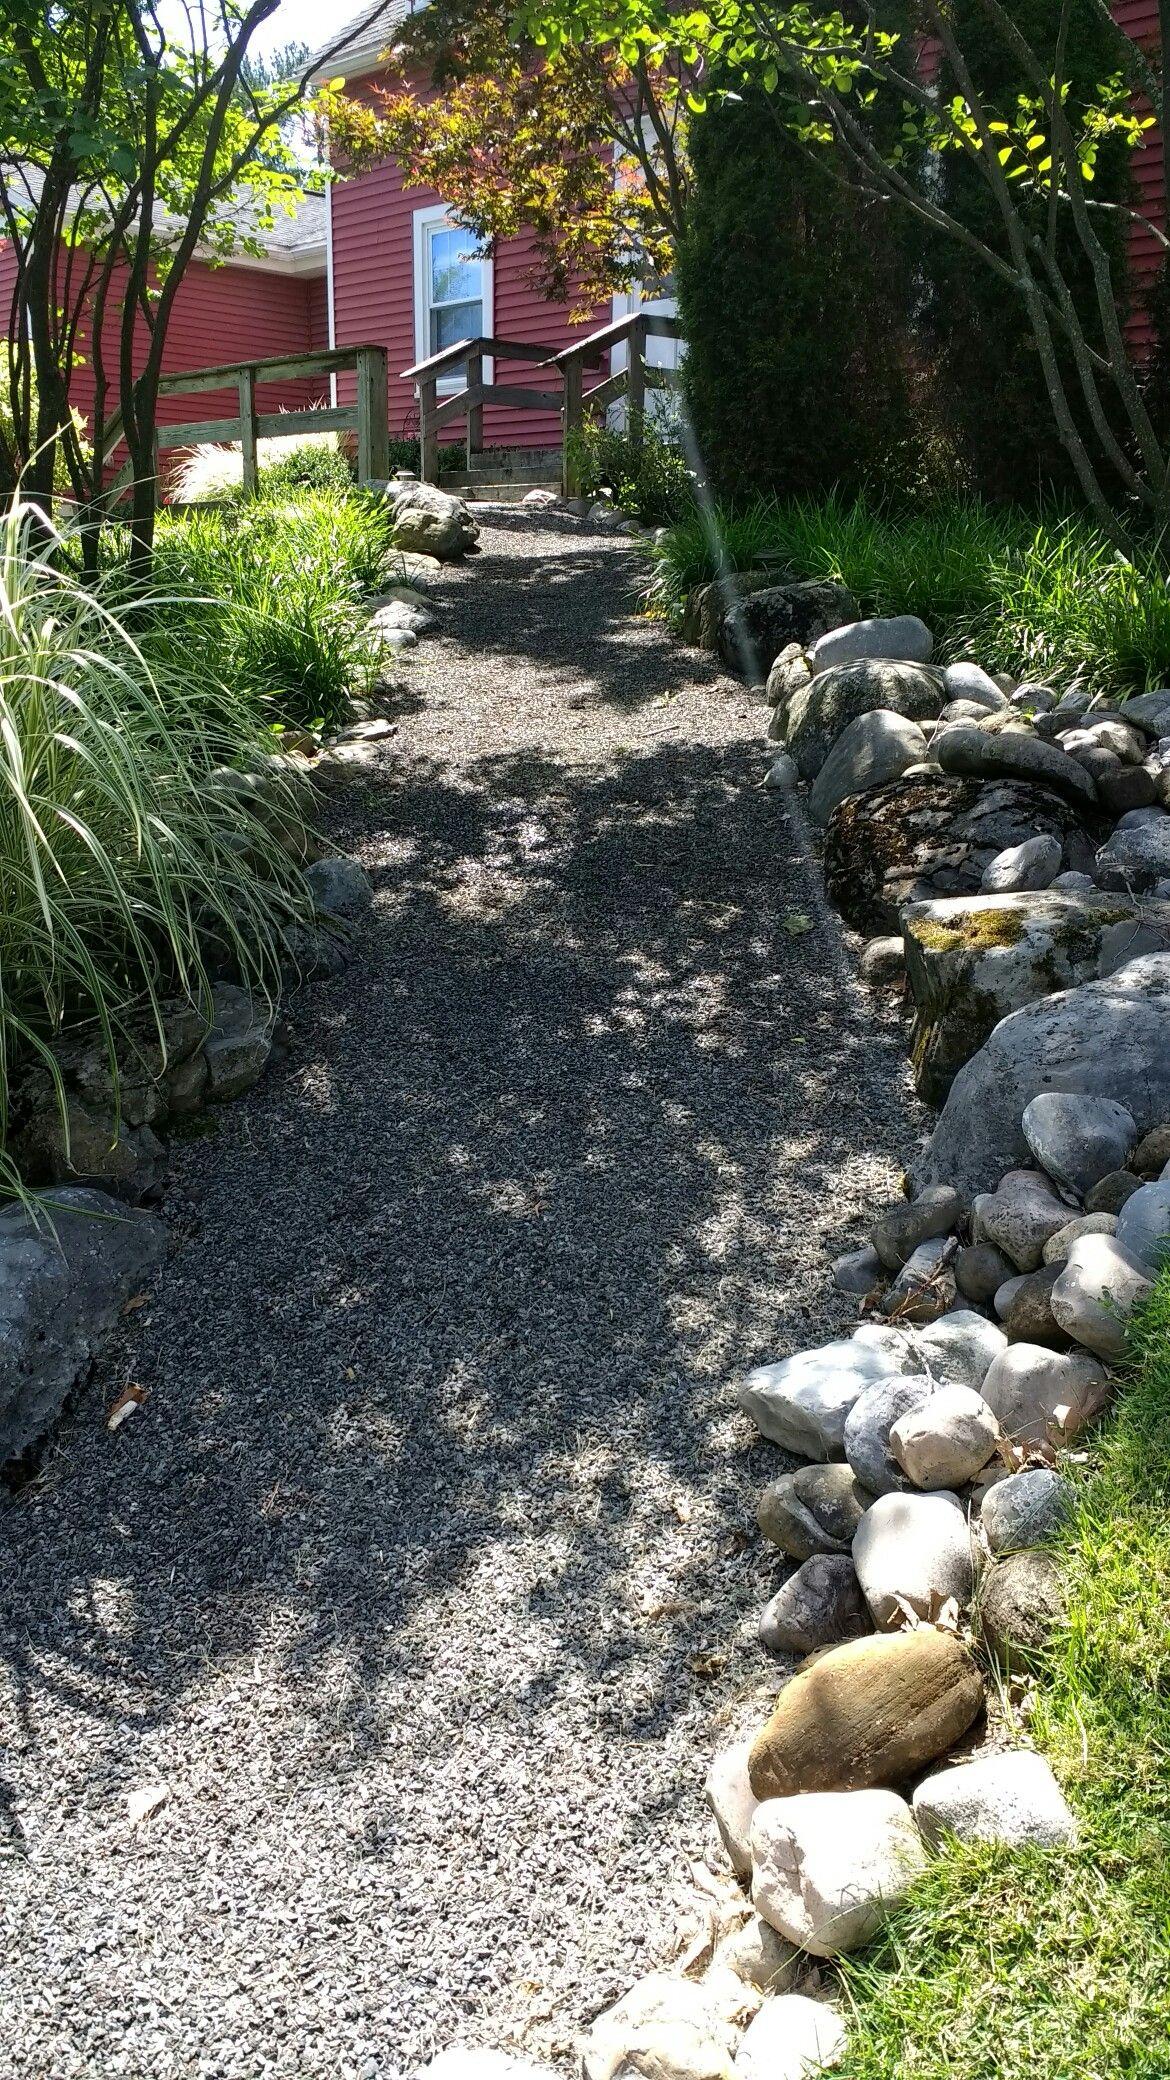 Syracuse. A path through the lush greens of a no